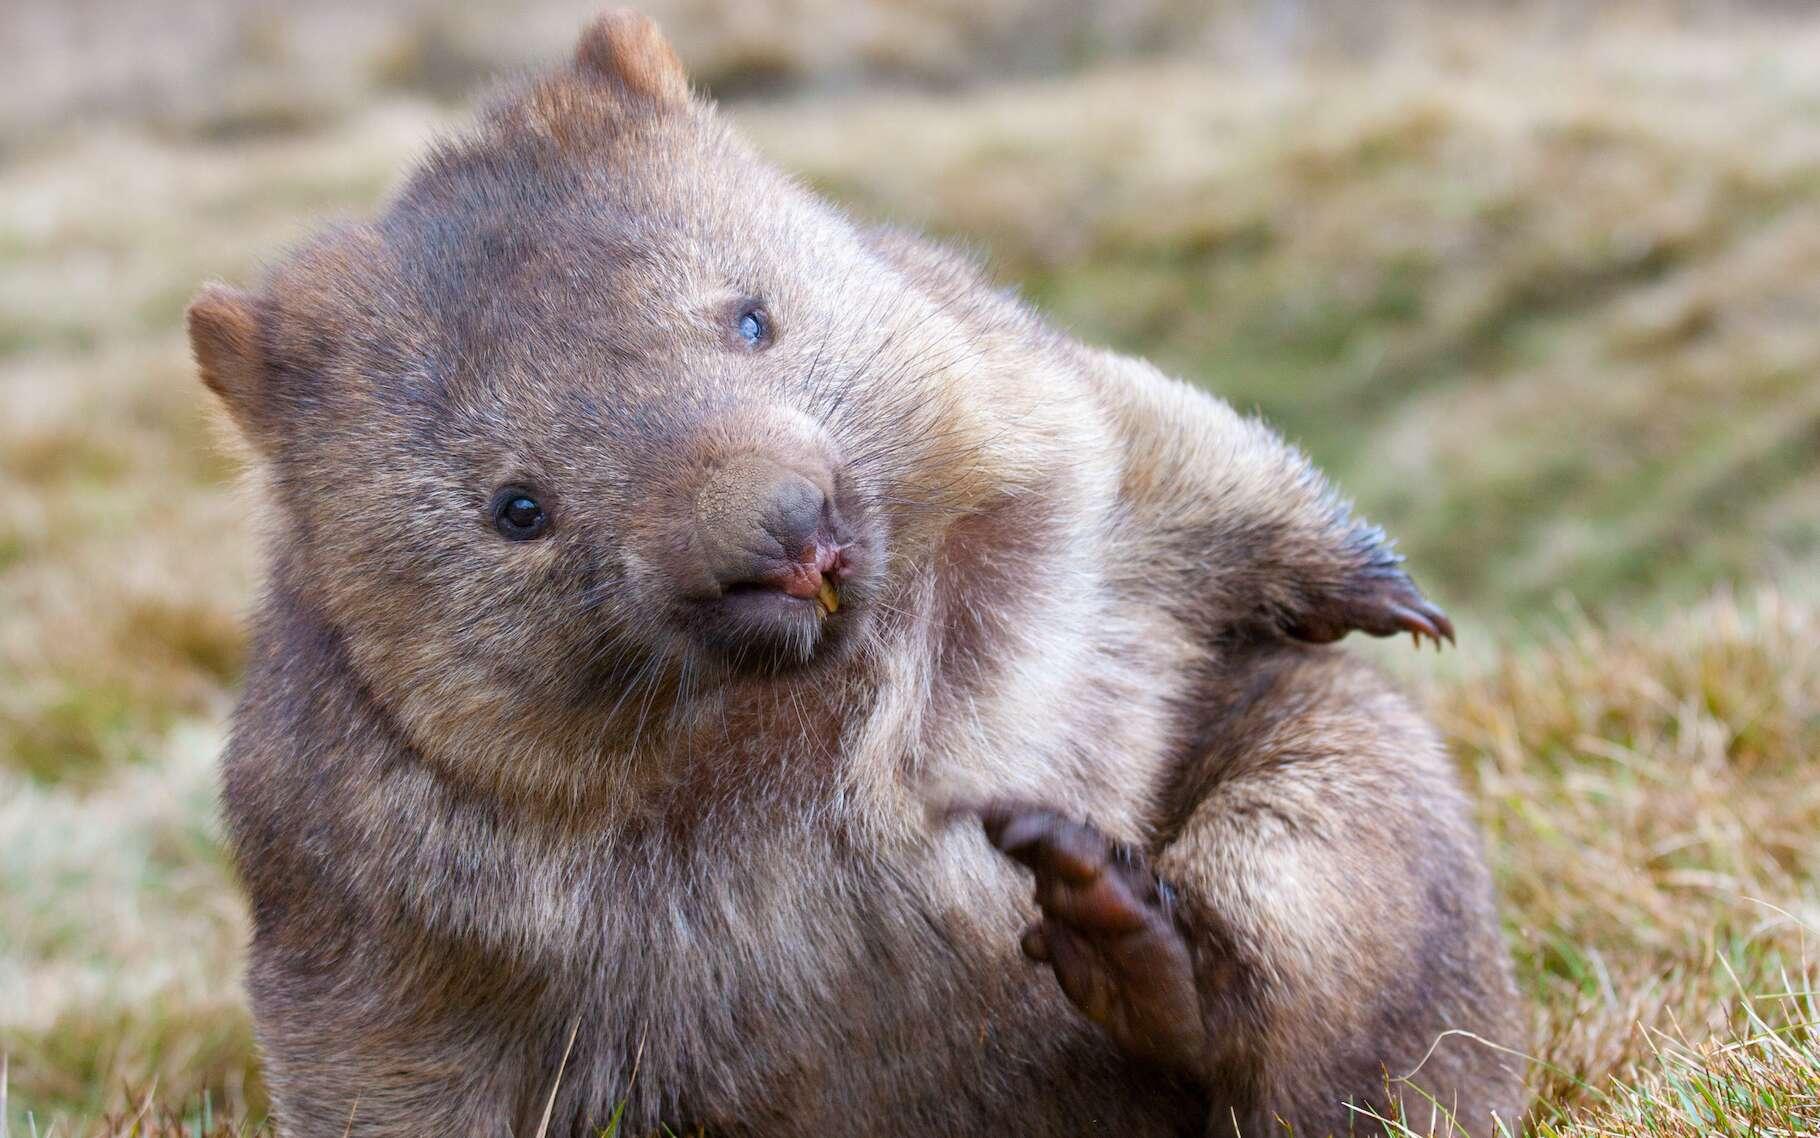 Les wombats sont des marsupiaux étonnants. Ils font des crottes cubiques. Et maintenant qu'ils ont compris comment, les chercheurs envisagent de s'en inspirer. © Baltazar, Adobe Stock